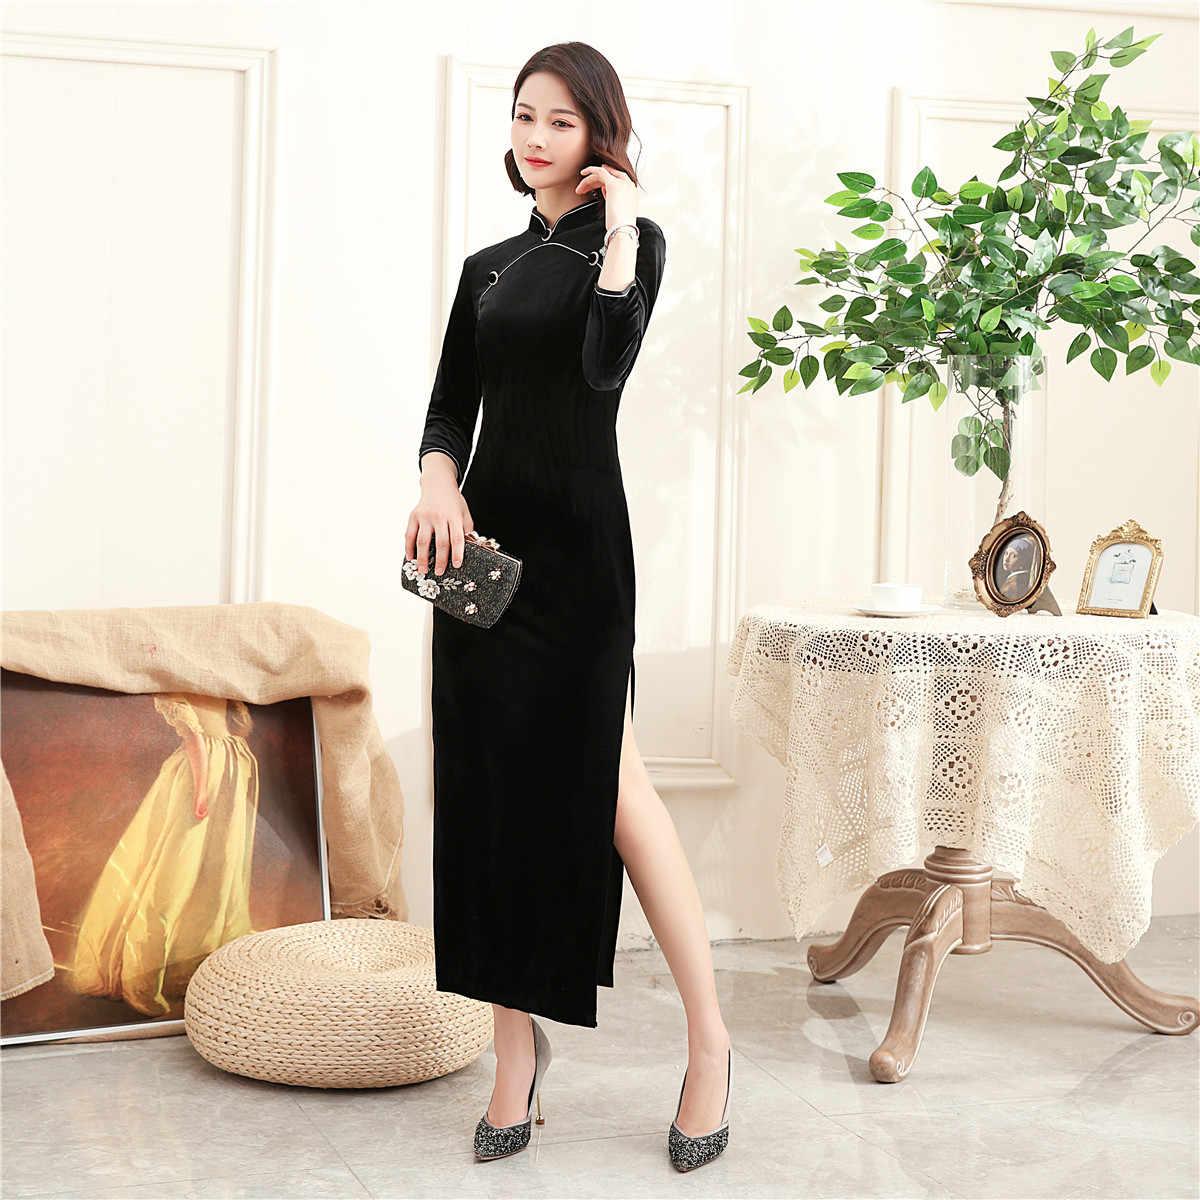 上海ストーリー東洋のドレス中国の伝統的なドレスロングチャイナドレス長袖ベルベット袍女性の中国ドレス 3 色